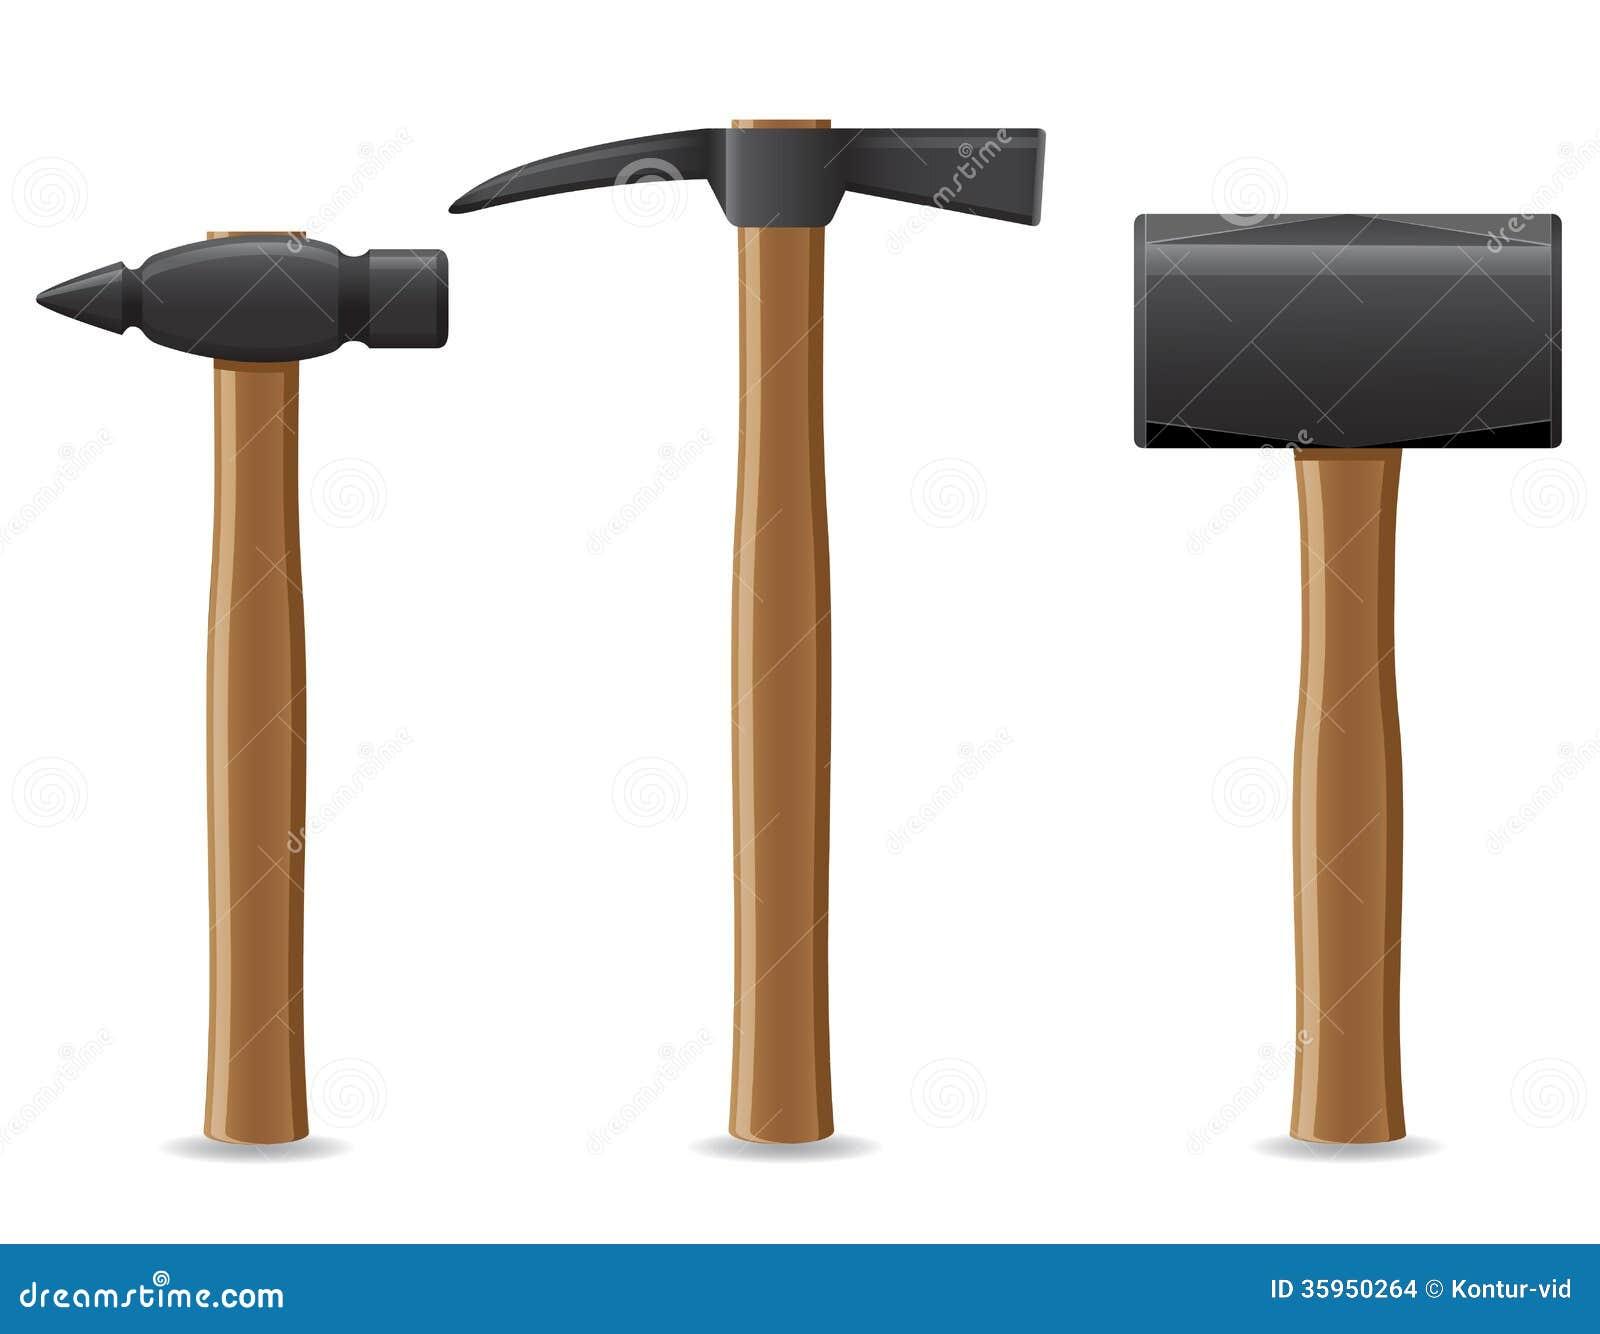 Vector Illustration Hammer: Tool Hammer With Wooden Handle Vector Illustration Stock